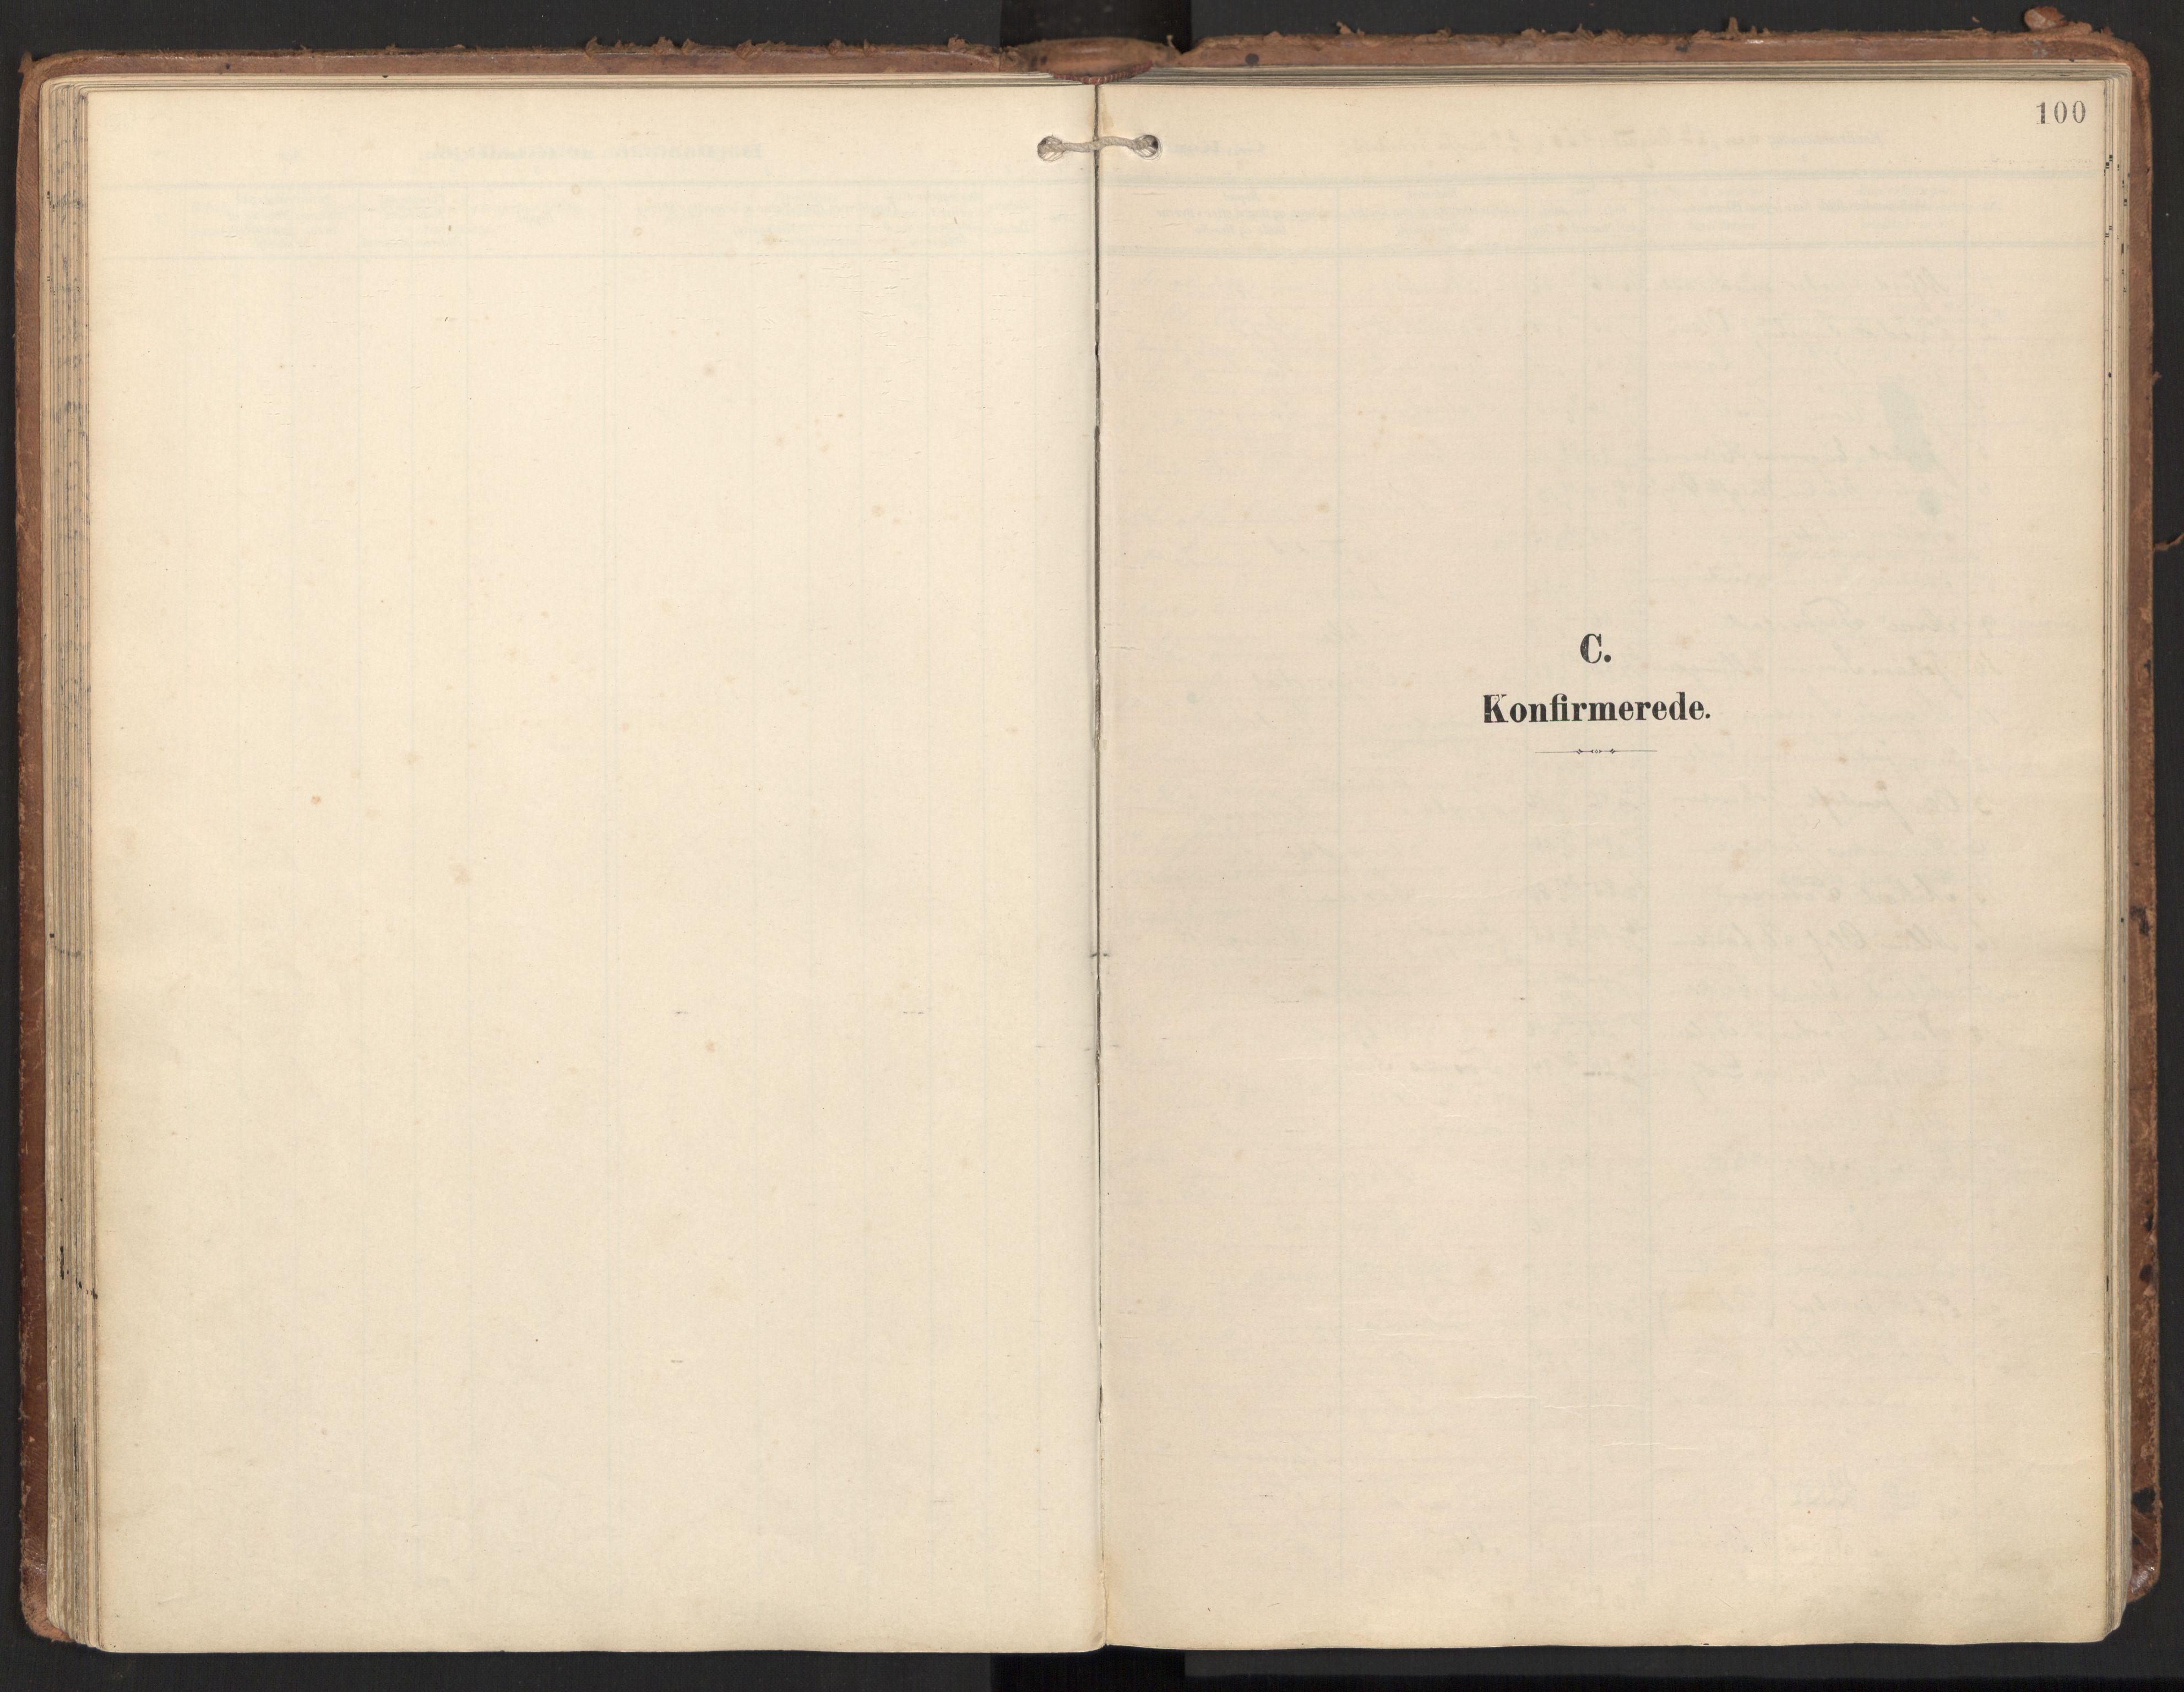 SAT, Ministerialprotokoller, klokkerbøker og fødselsregistre - Nord-Trøndelag, 784/L0677: Ministerialbok nr. 784A12, 1900-1920, s. 100